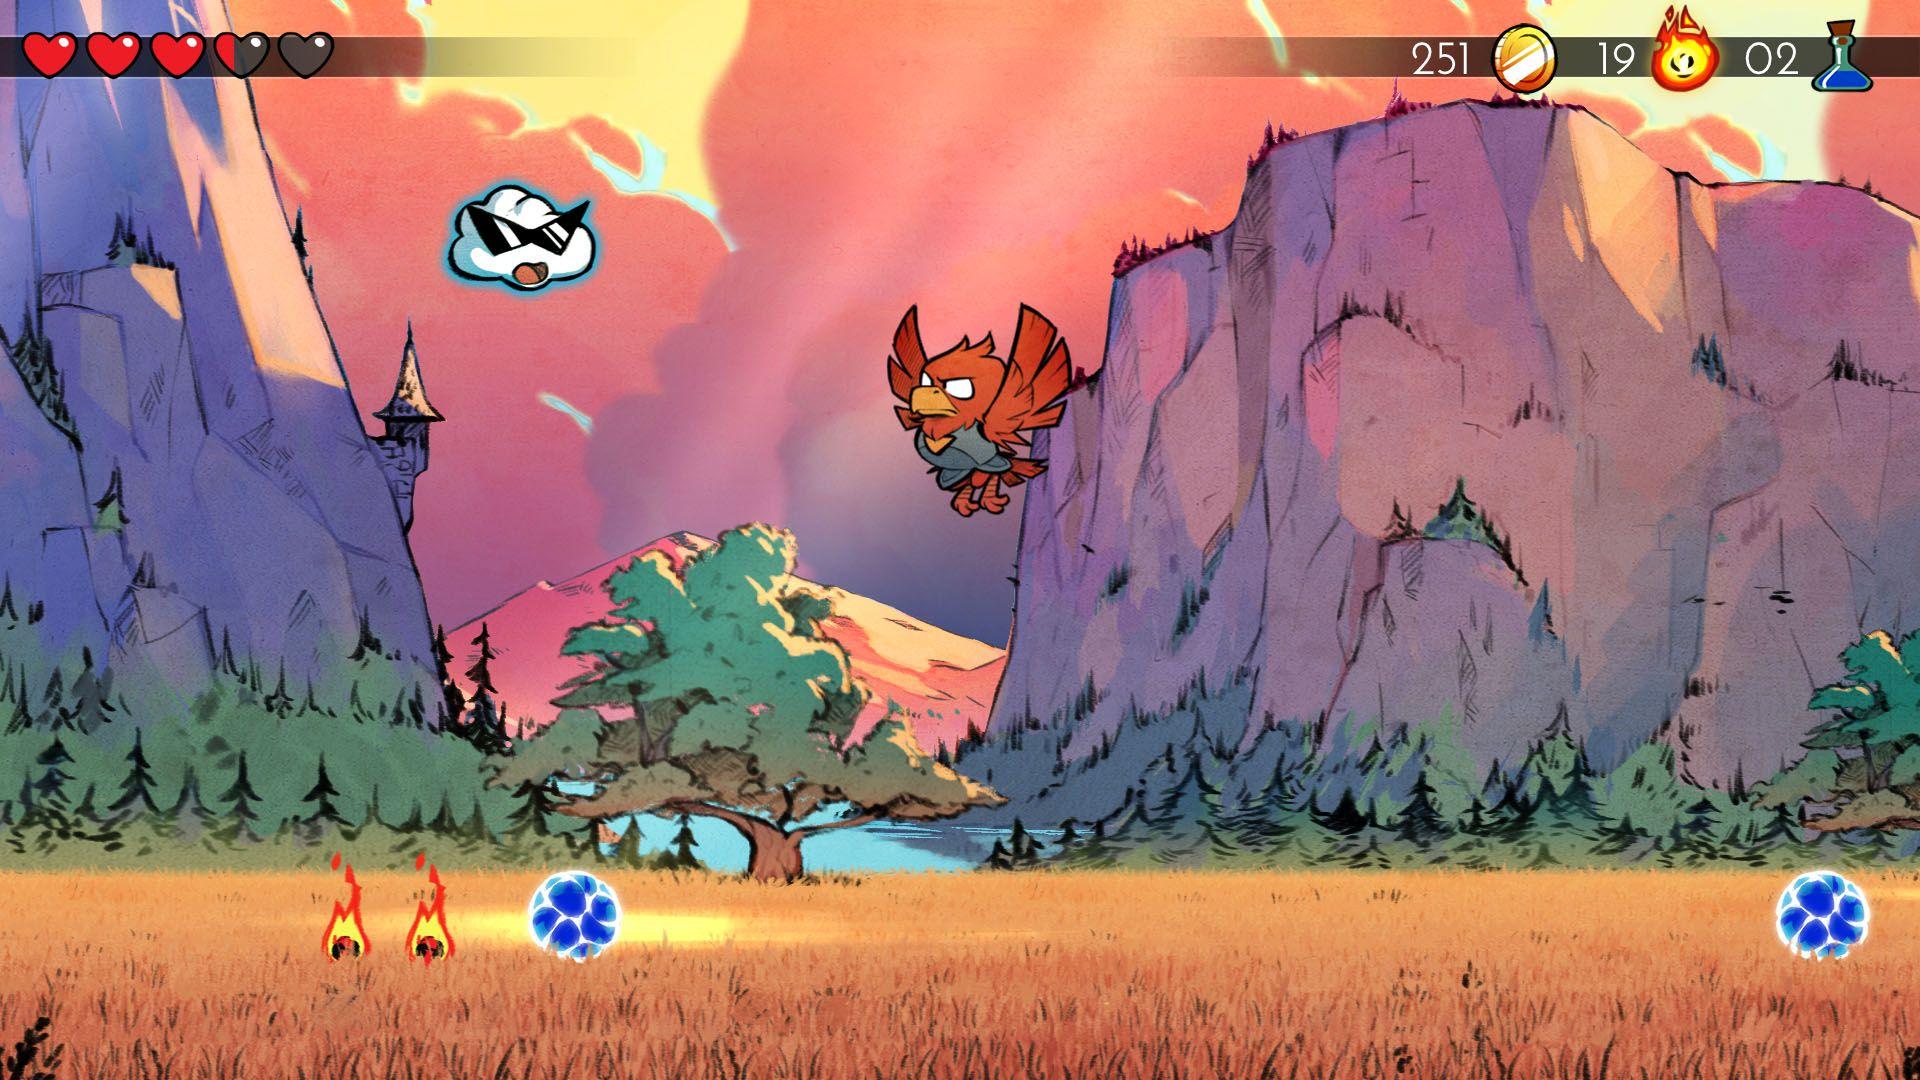 Parece mentira, mas Wonder Boy: The Dragon's Trap está recebendo um remake! | GAMESFODA